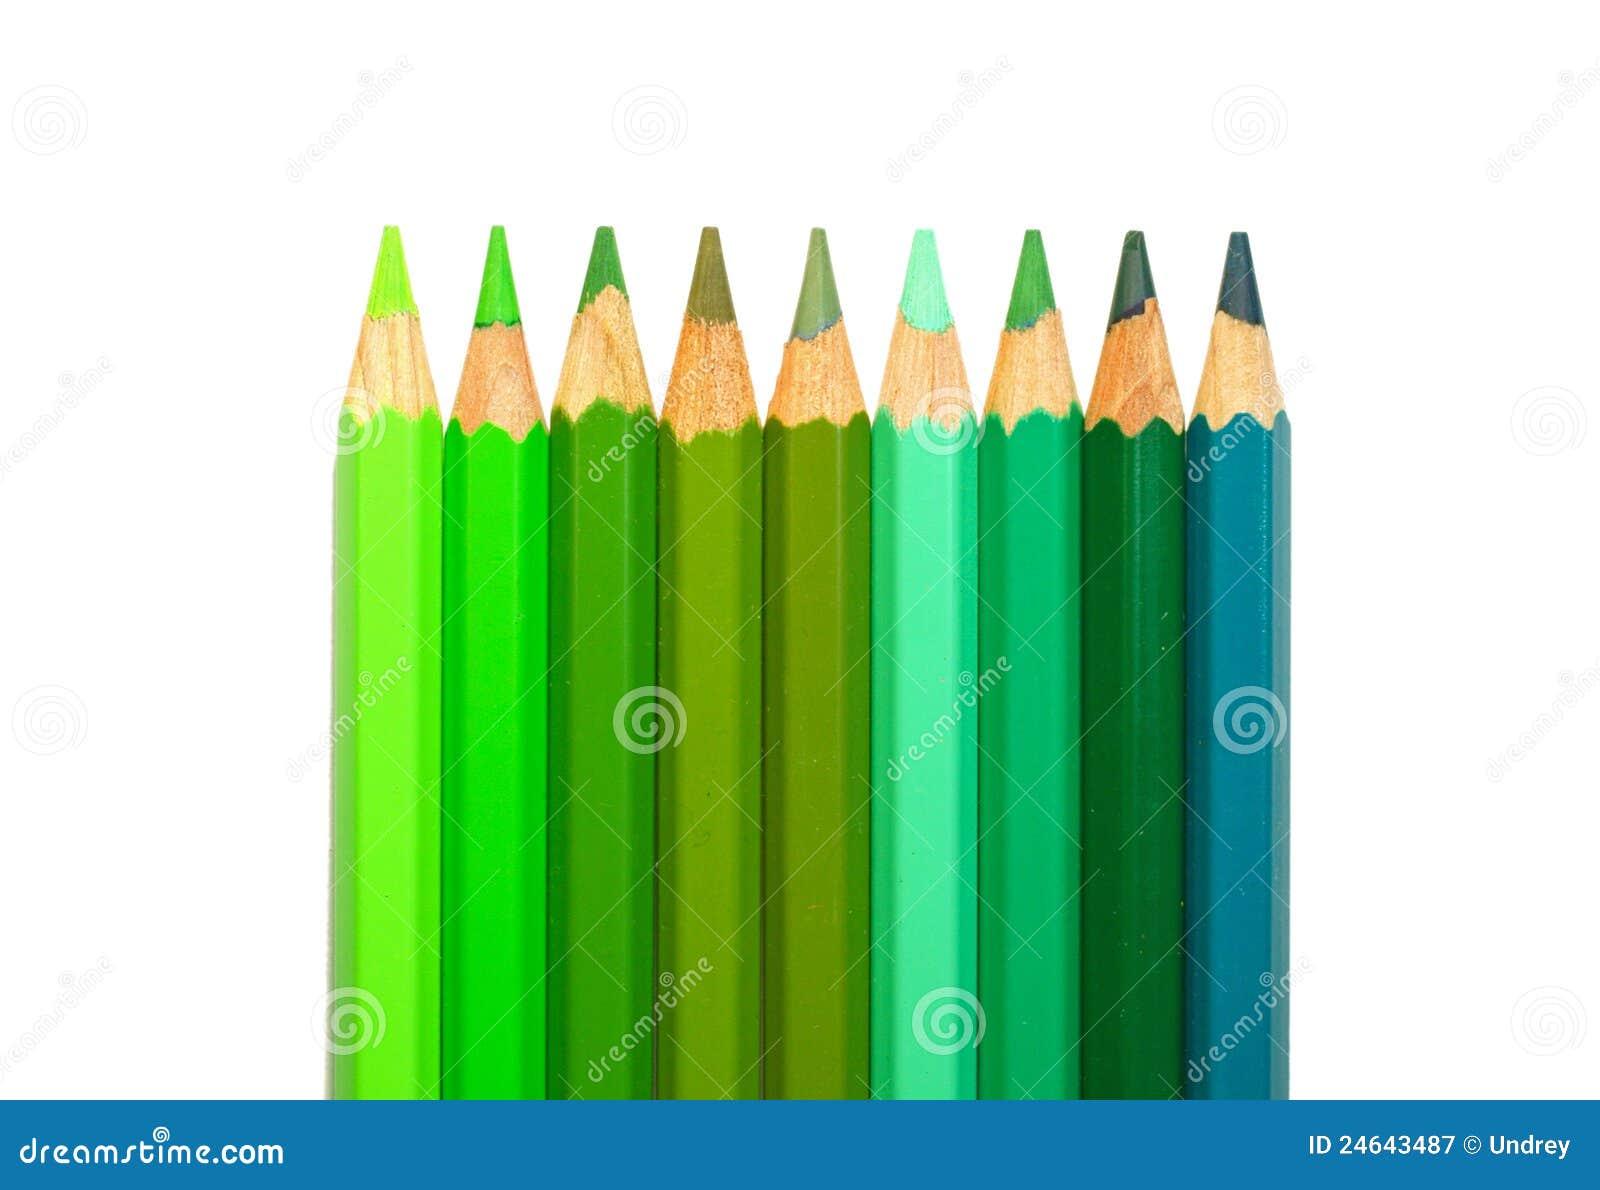 Crayons De Couleur Verte Photographie Stock Libre De